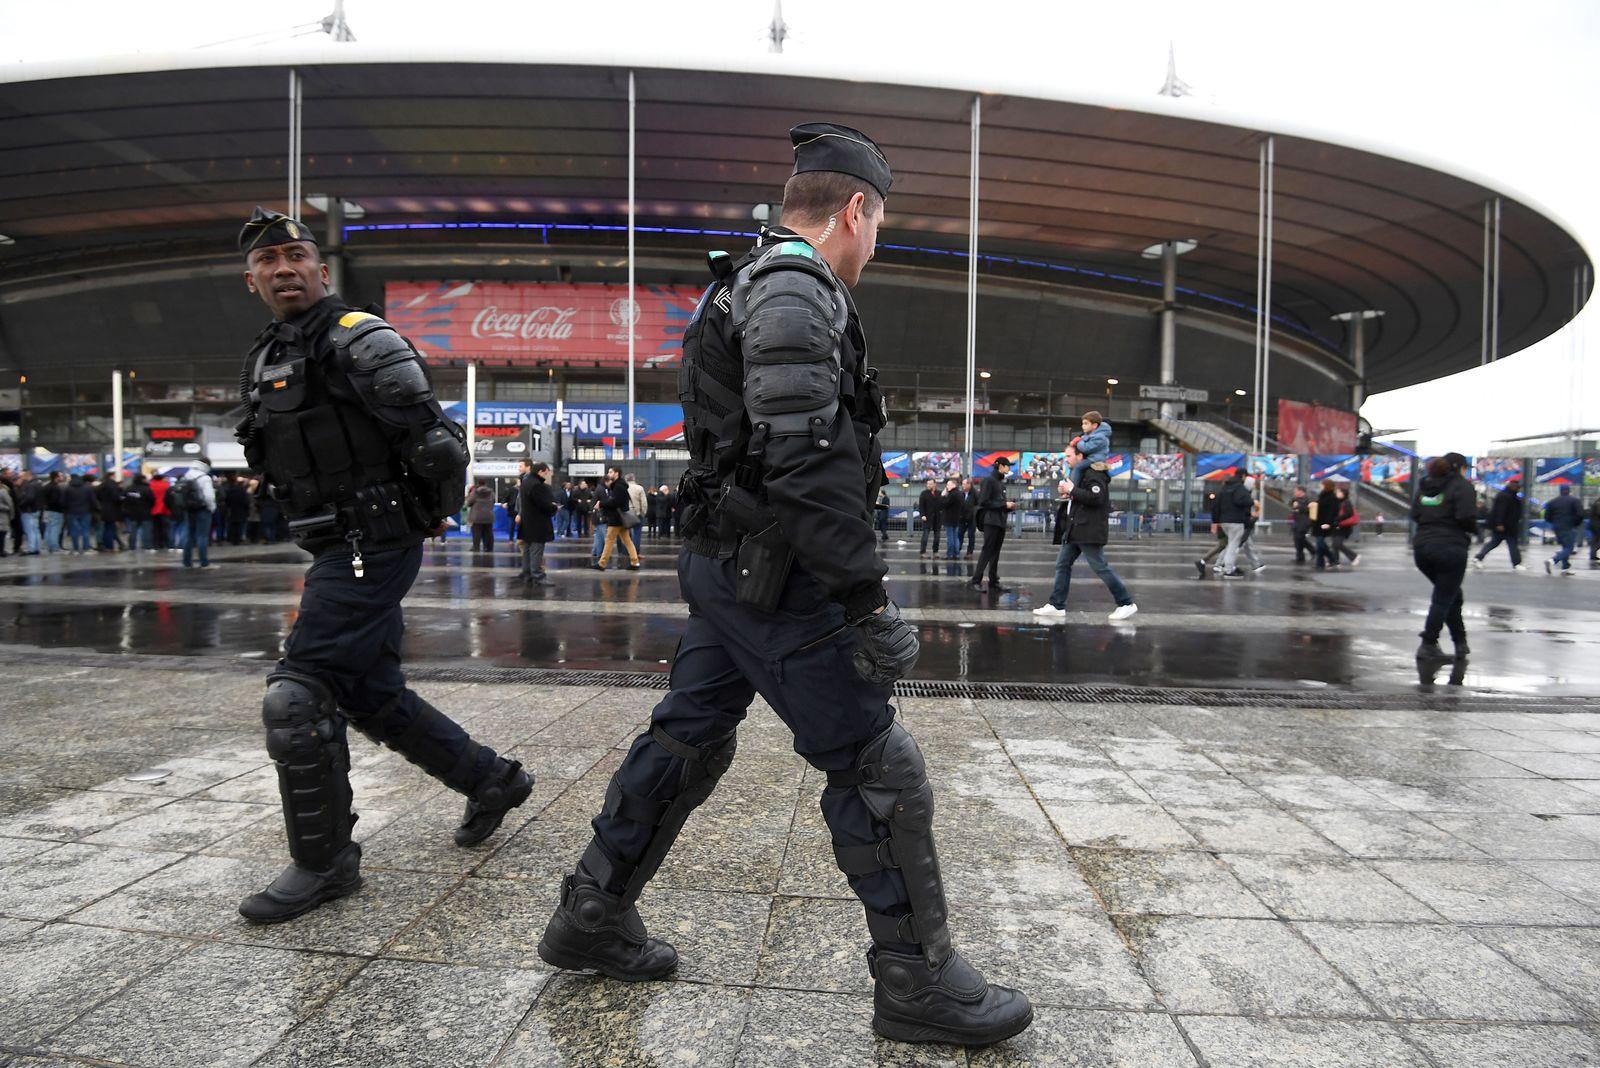 Frankreich / Paris / Stadion / Polizei